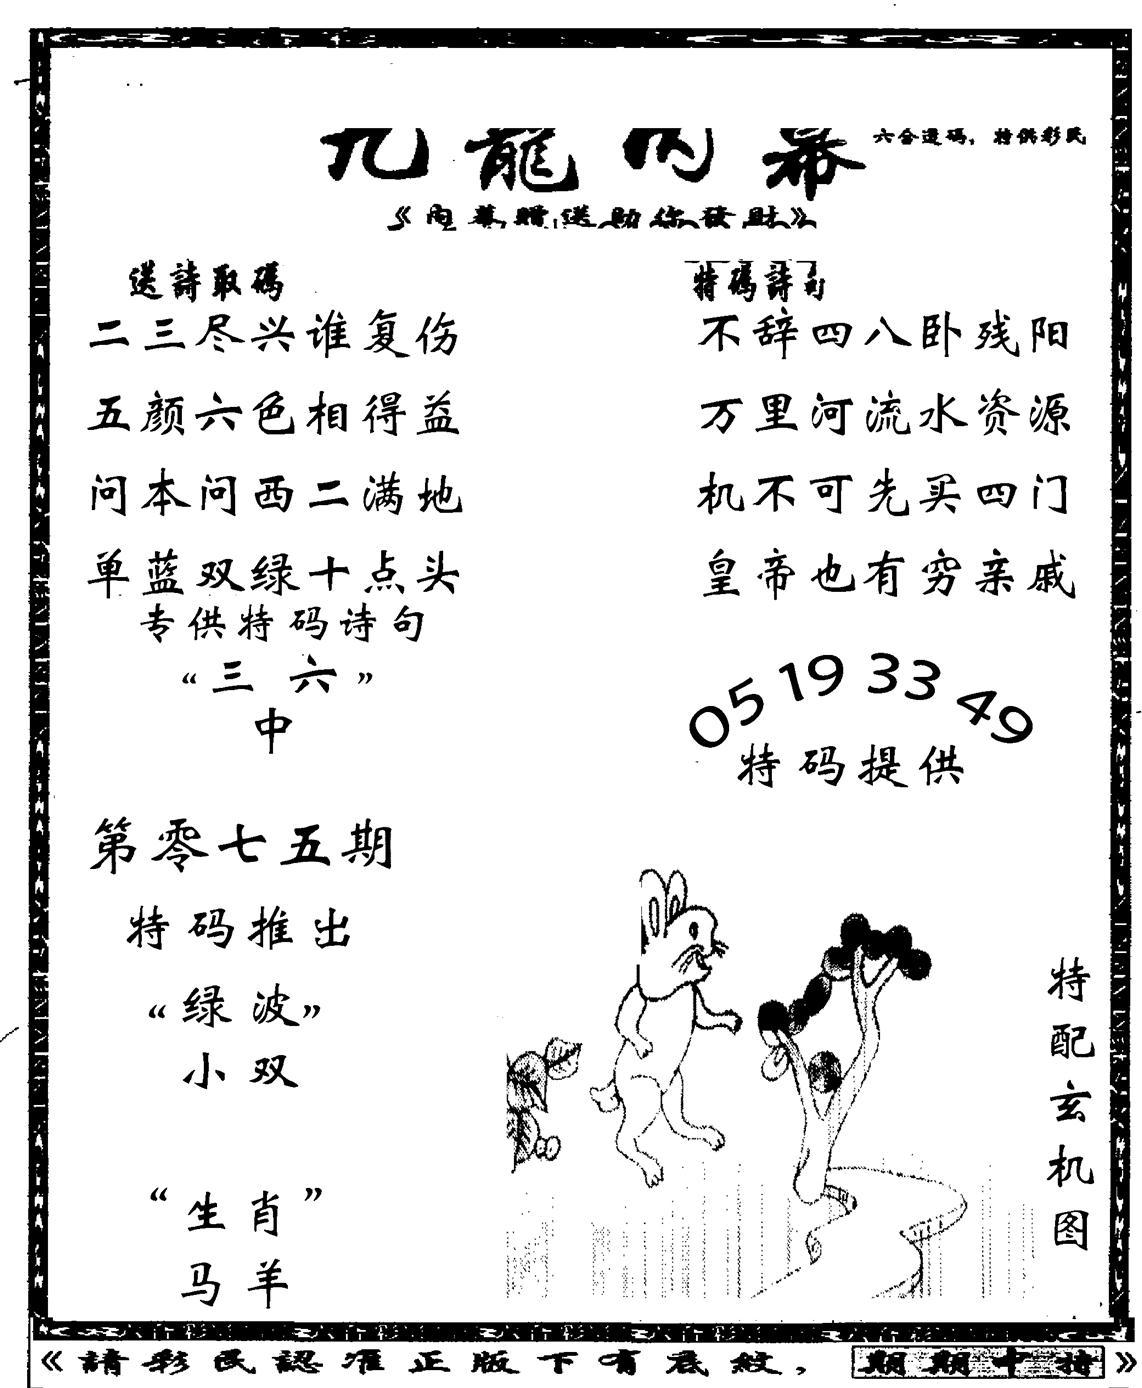 075期老九龙内幕(黑白)